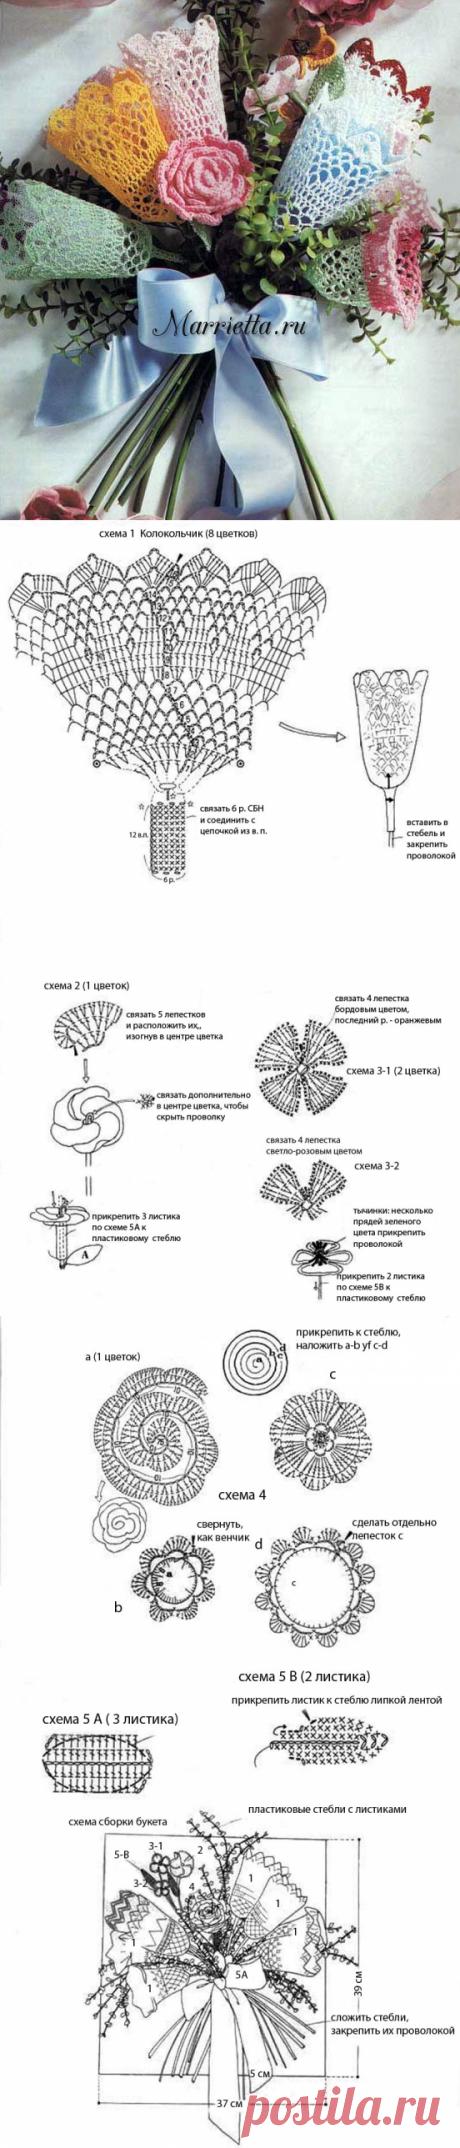 Нежный букет цветов крючком. Схемы и описание